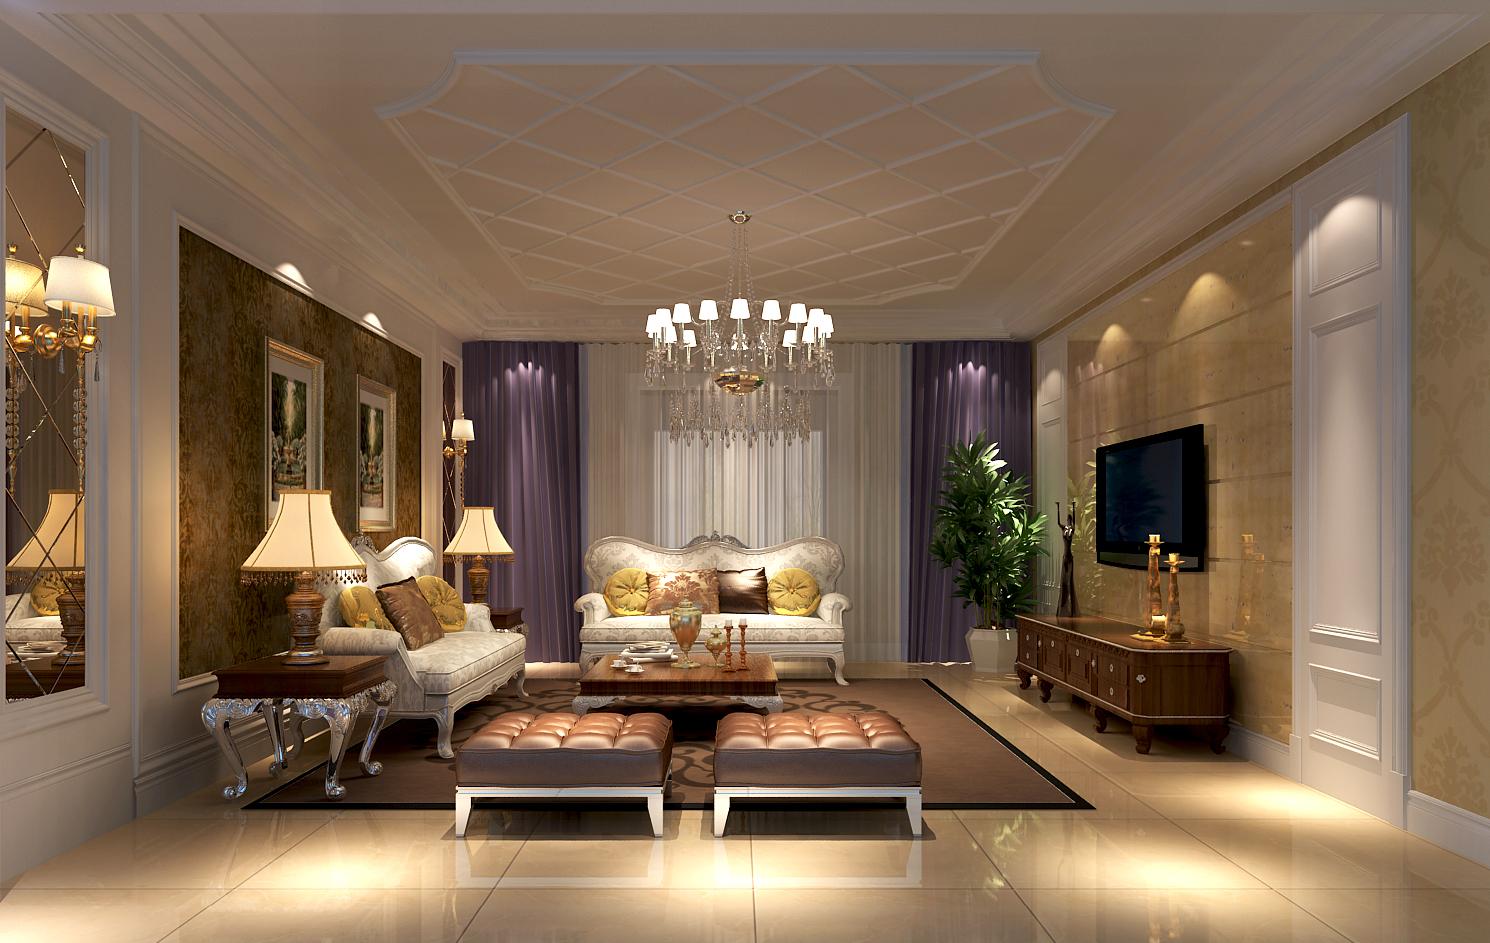 简约 欧式 混搭 别墅 二居 收纳 80后 小资 高度国际 客厅图片来自高度国际王慧芳在卡尔生活馆的分享